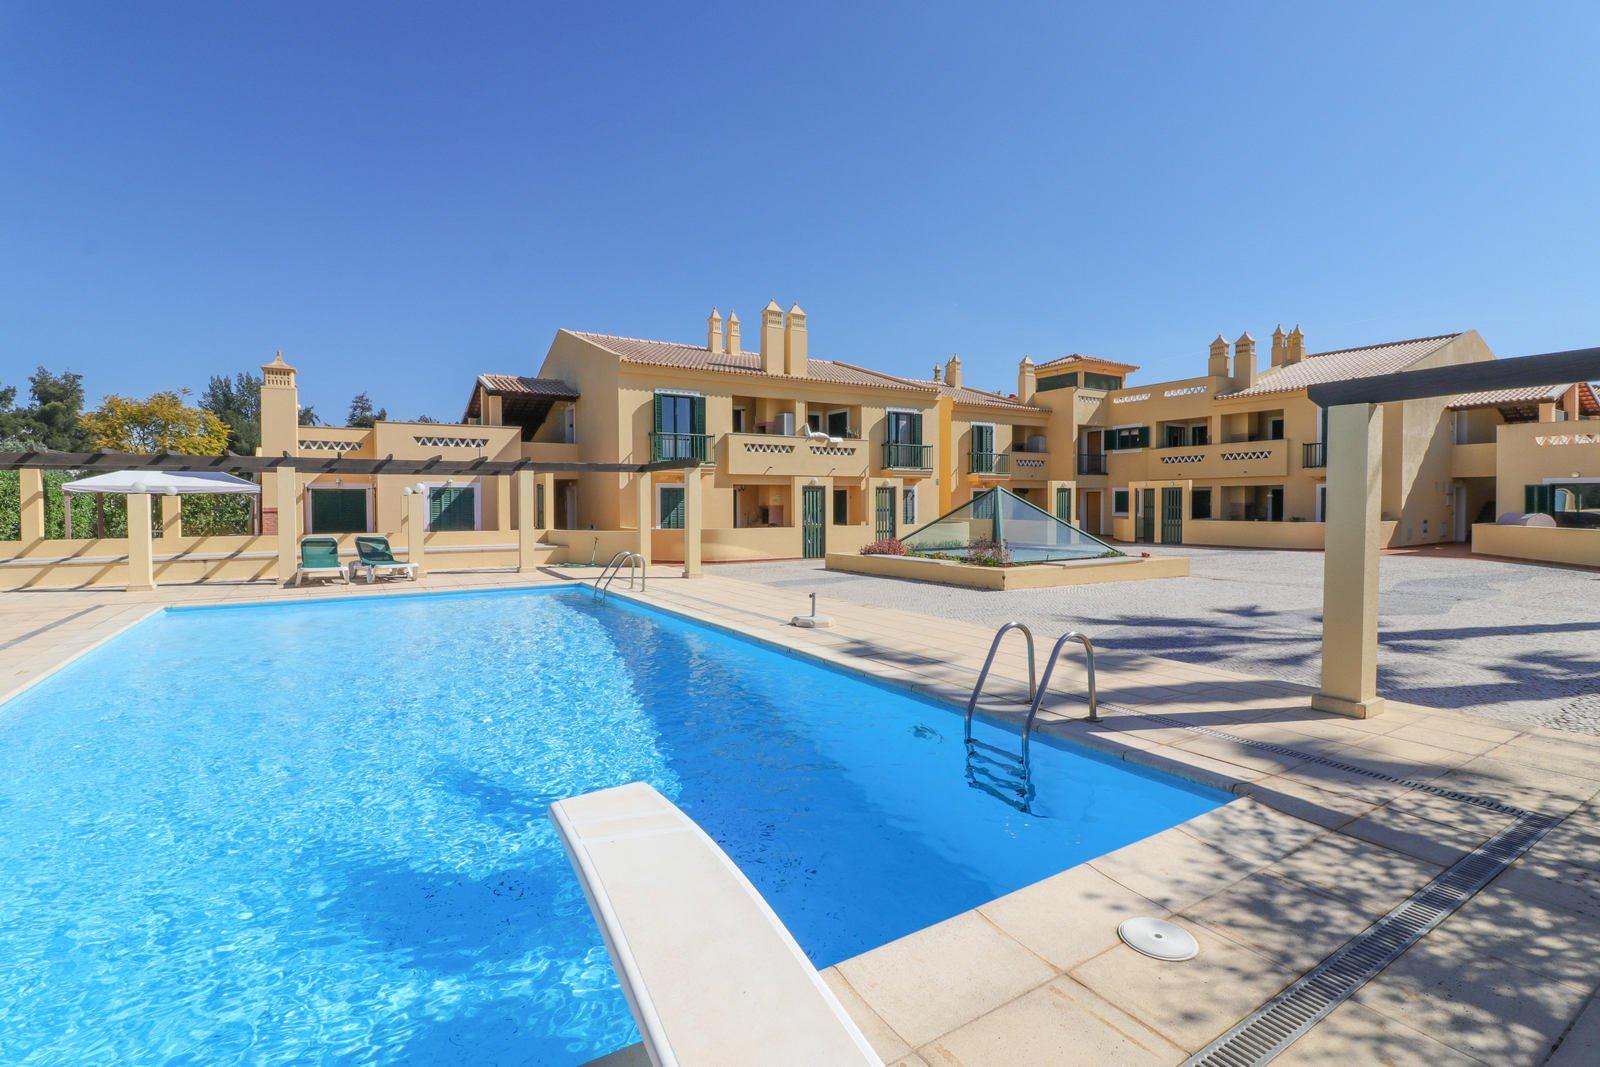 3 Bedroom Apartment Quarteira, Central Algarve Ref: PA3620